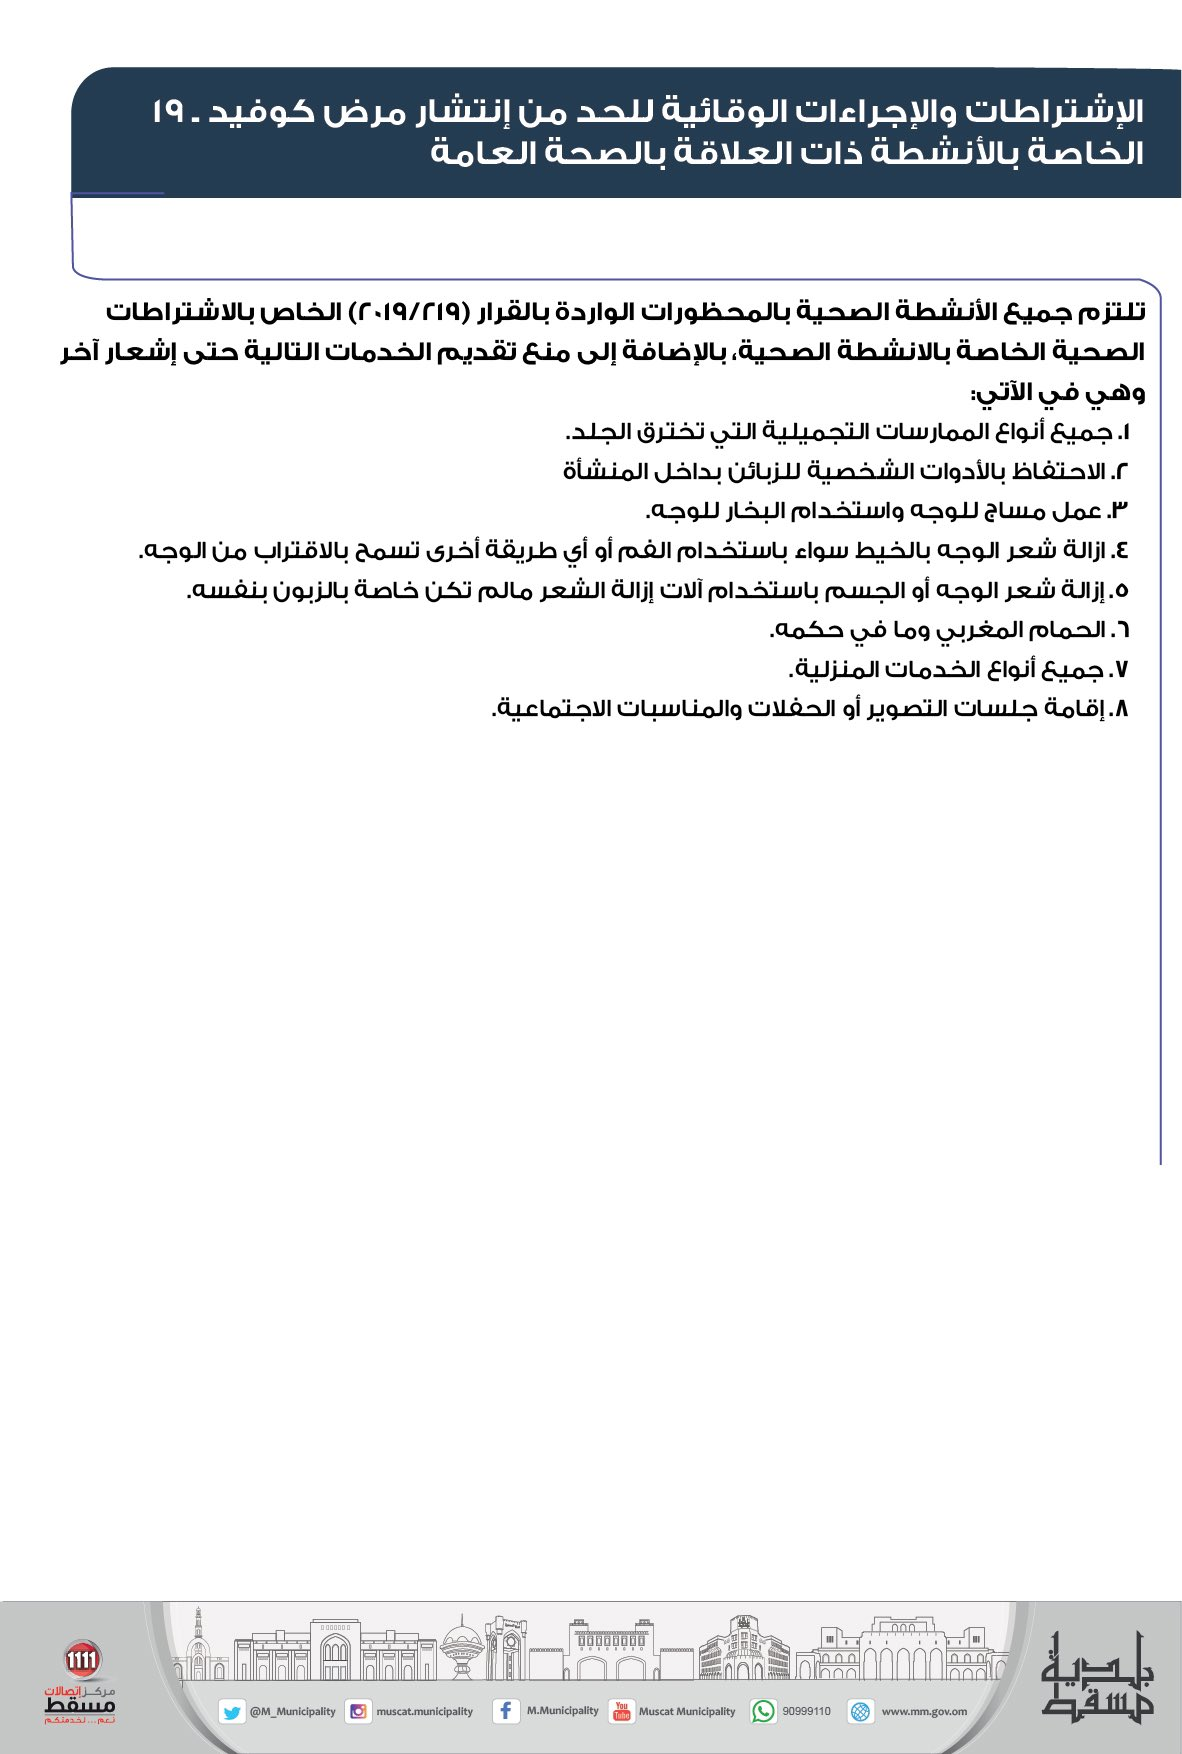 بلدية مسقط: 8 إجراءات ممنوعة في الحزمة السادسة